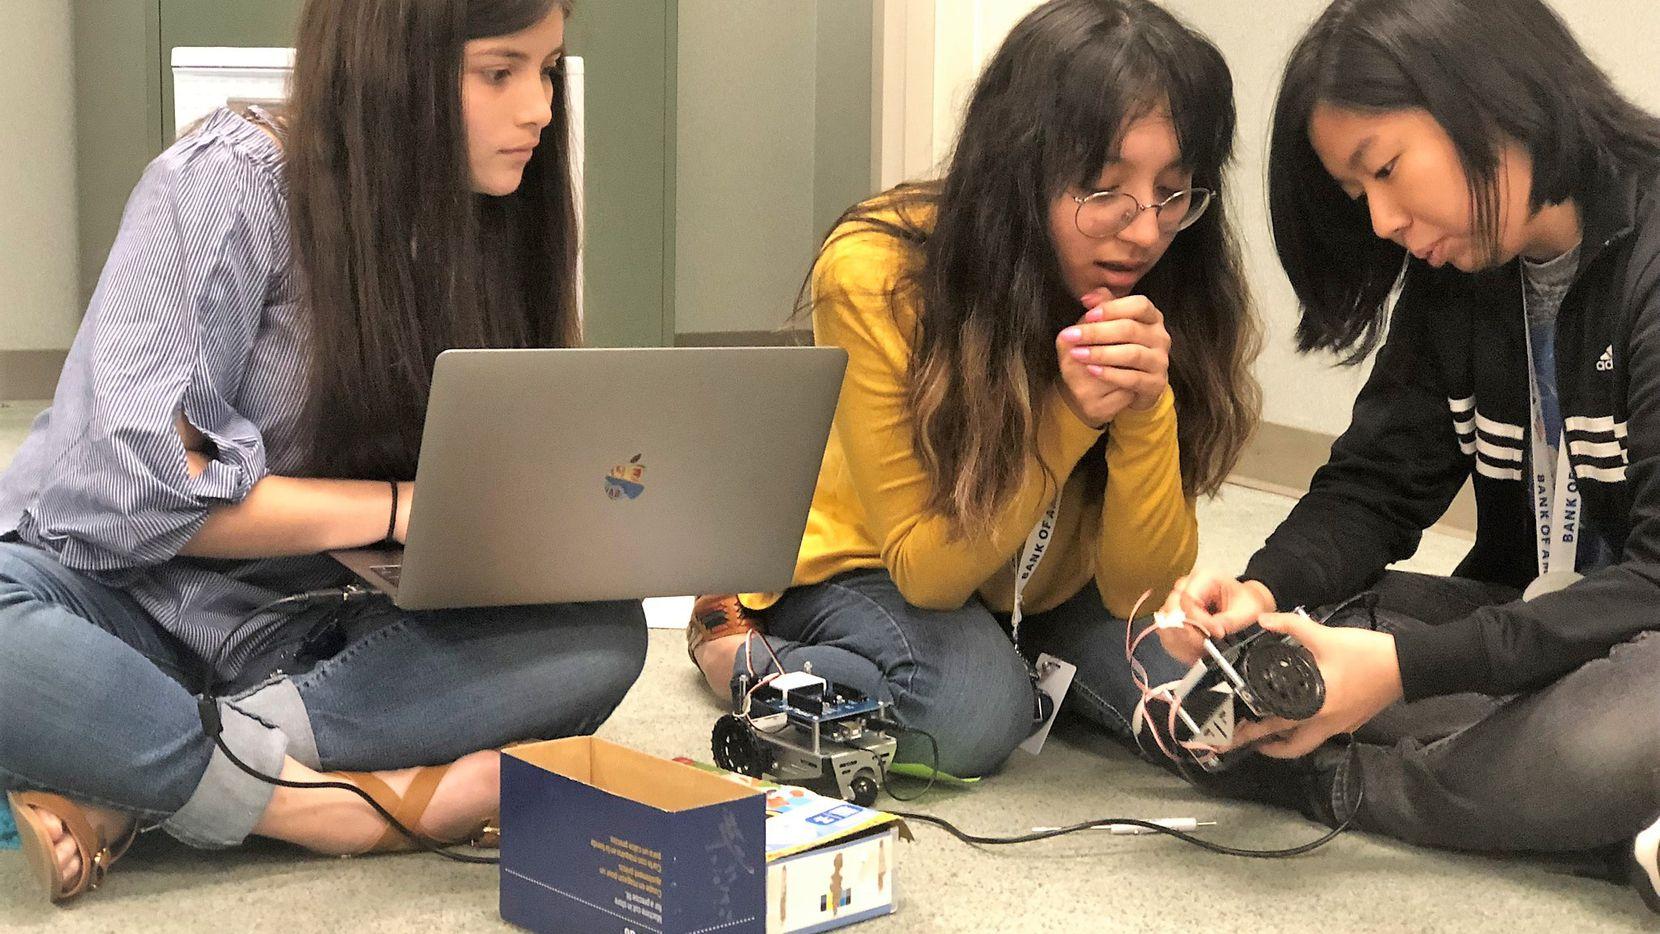 Joselin Barbosa (centro) con sus compañeras Jesel Reyes (izq.) y Youngone Lee (der.) aprenden cómo programar un robot en Addison.